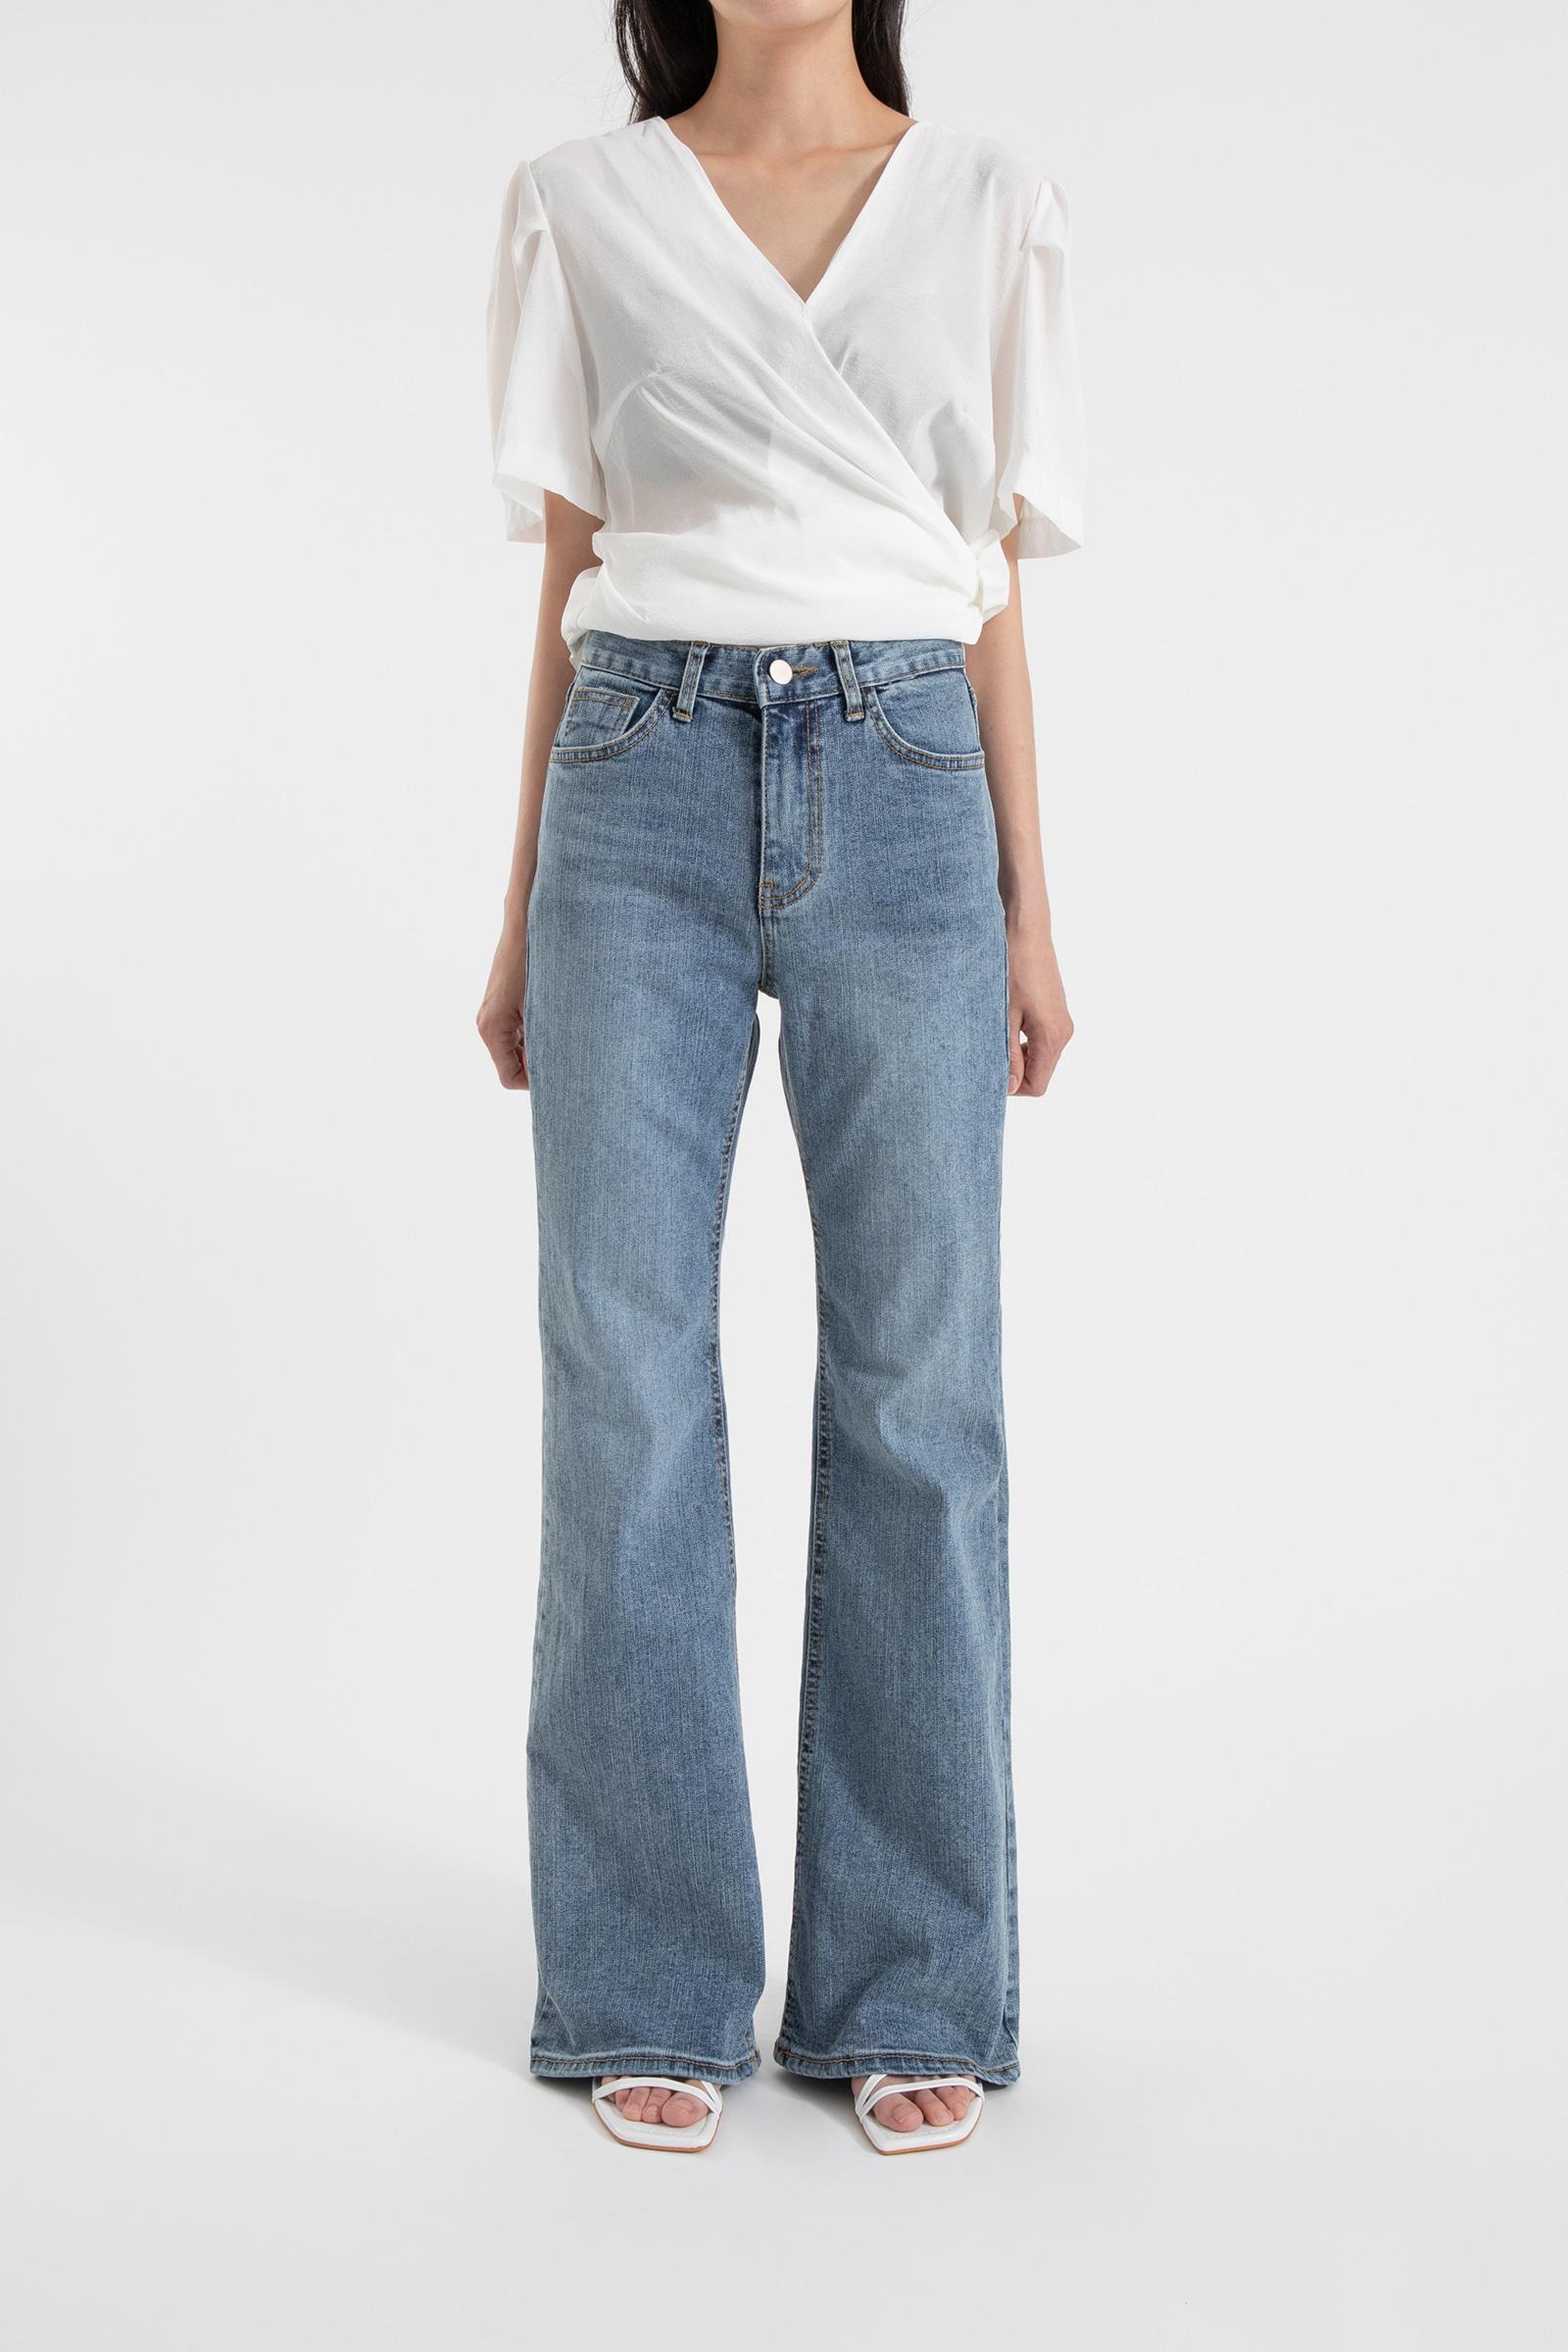 Saint high-rise bootcut jeans